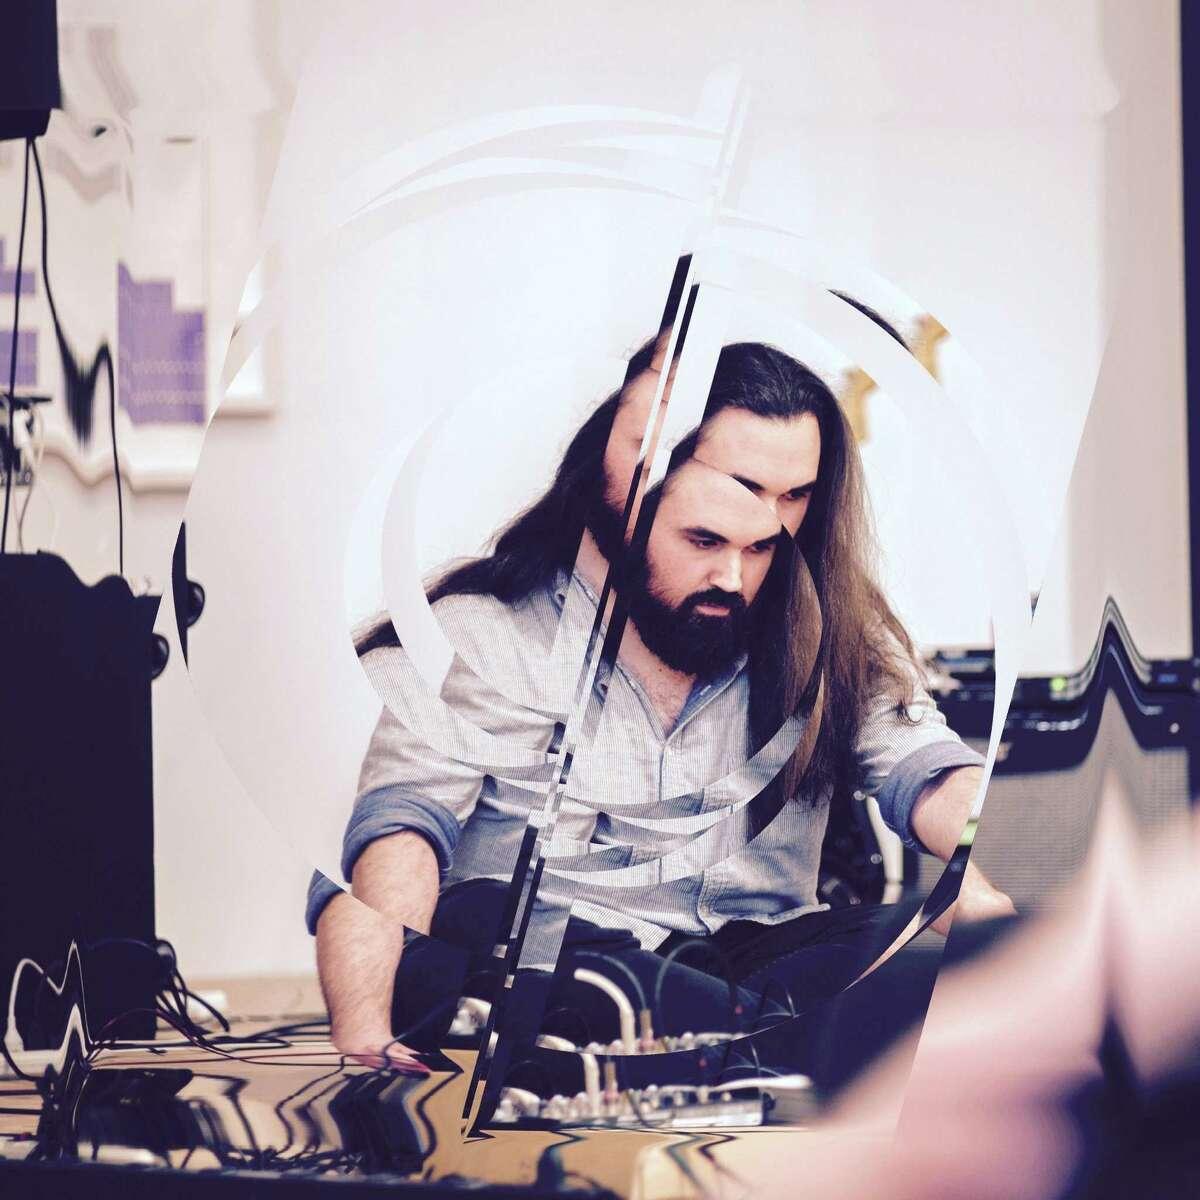 Houston noise musician Tanner Garza